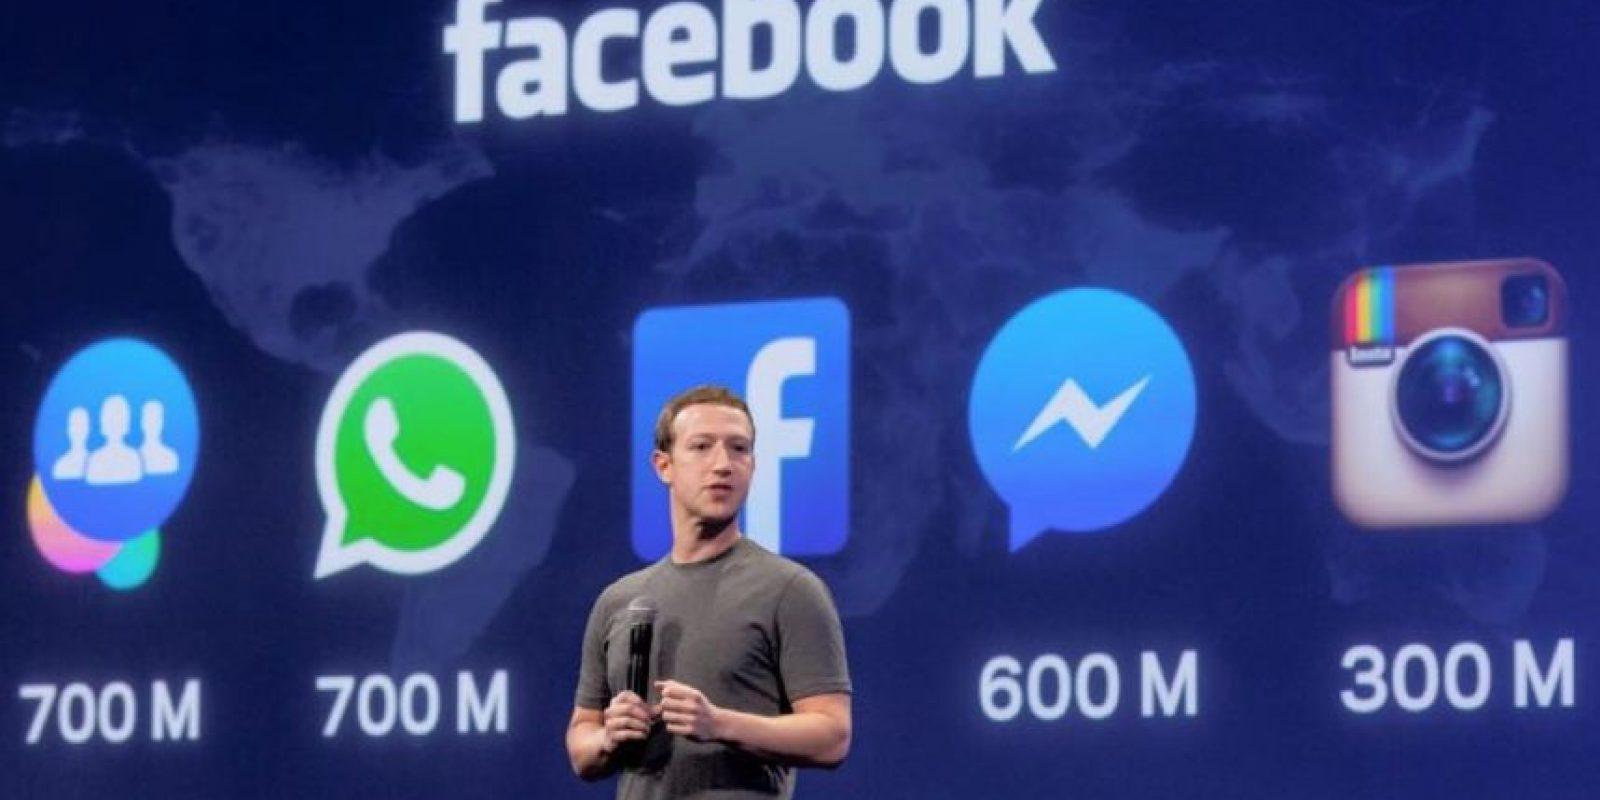 Apenas el 25 de marzo pasado, Mark Zuckerberg, dueño de WhatsApp, anunciaba que tenían 700 millones de usuarios activos al mes. Foto:facebook.com/zuck